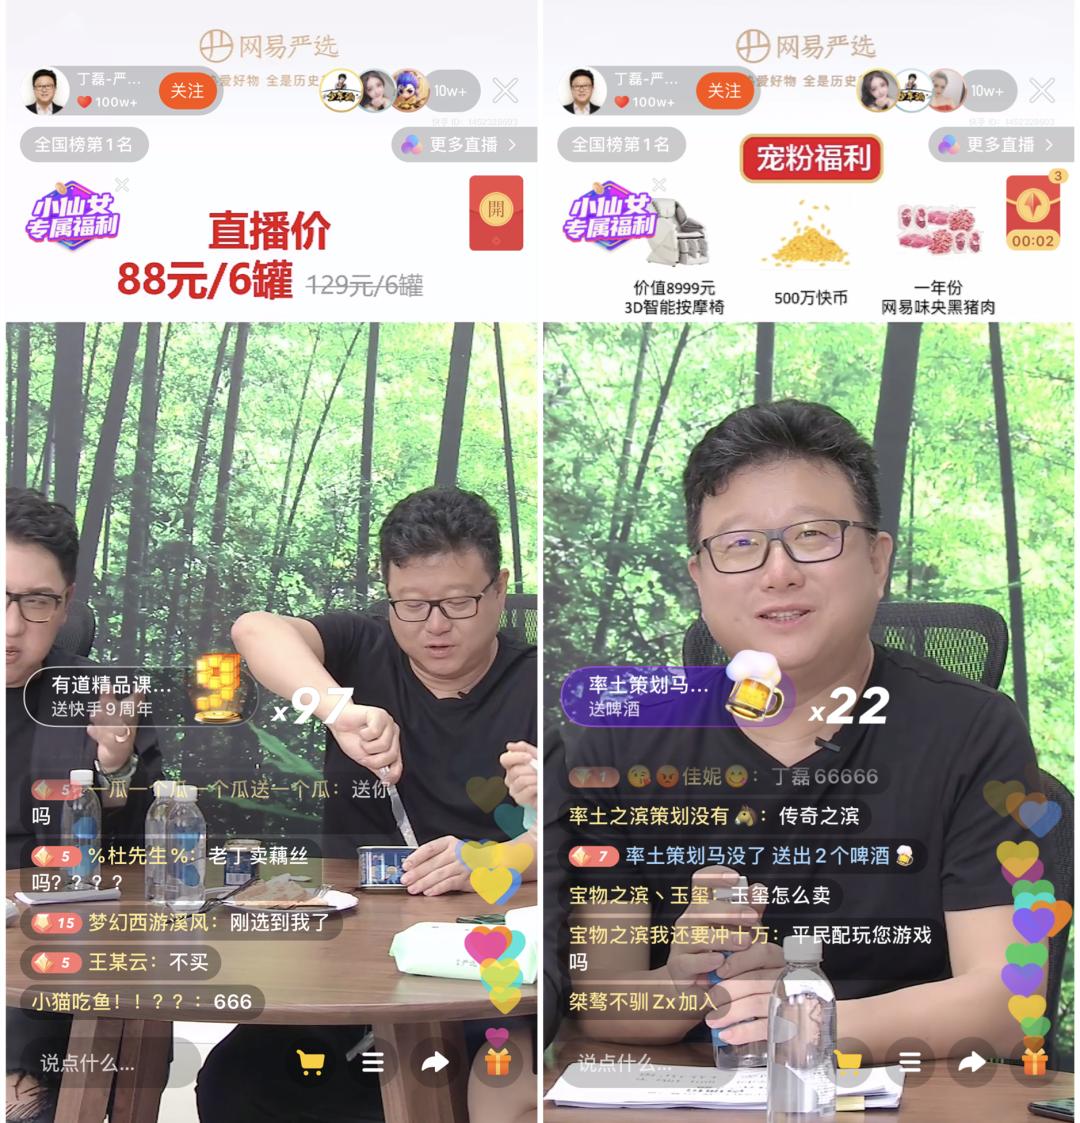 """40件商品数据告诉你,丁磊如何在快手""""卖""""严选 (https://ixgm.com/) 生活 第4张"""